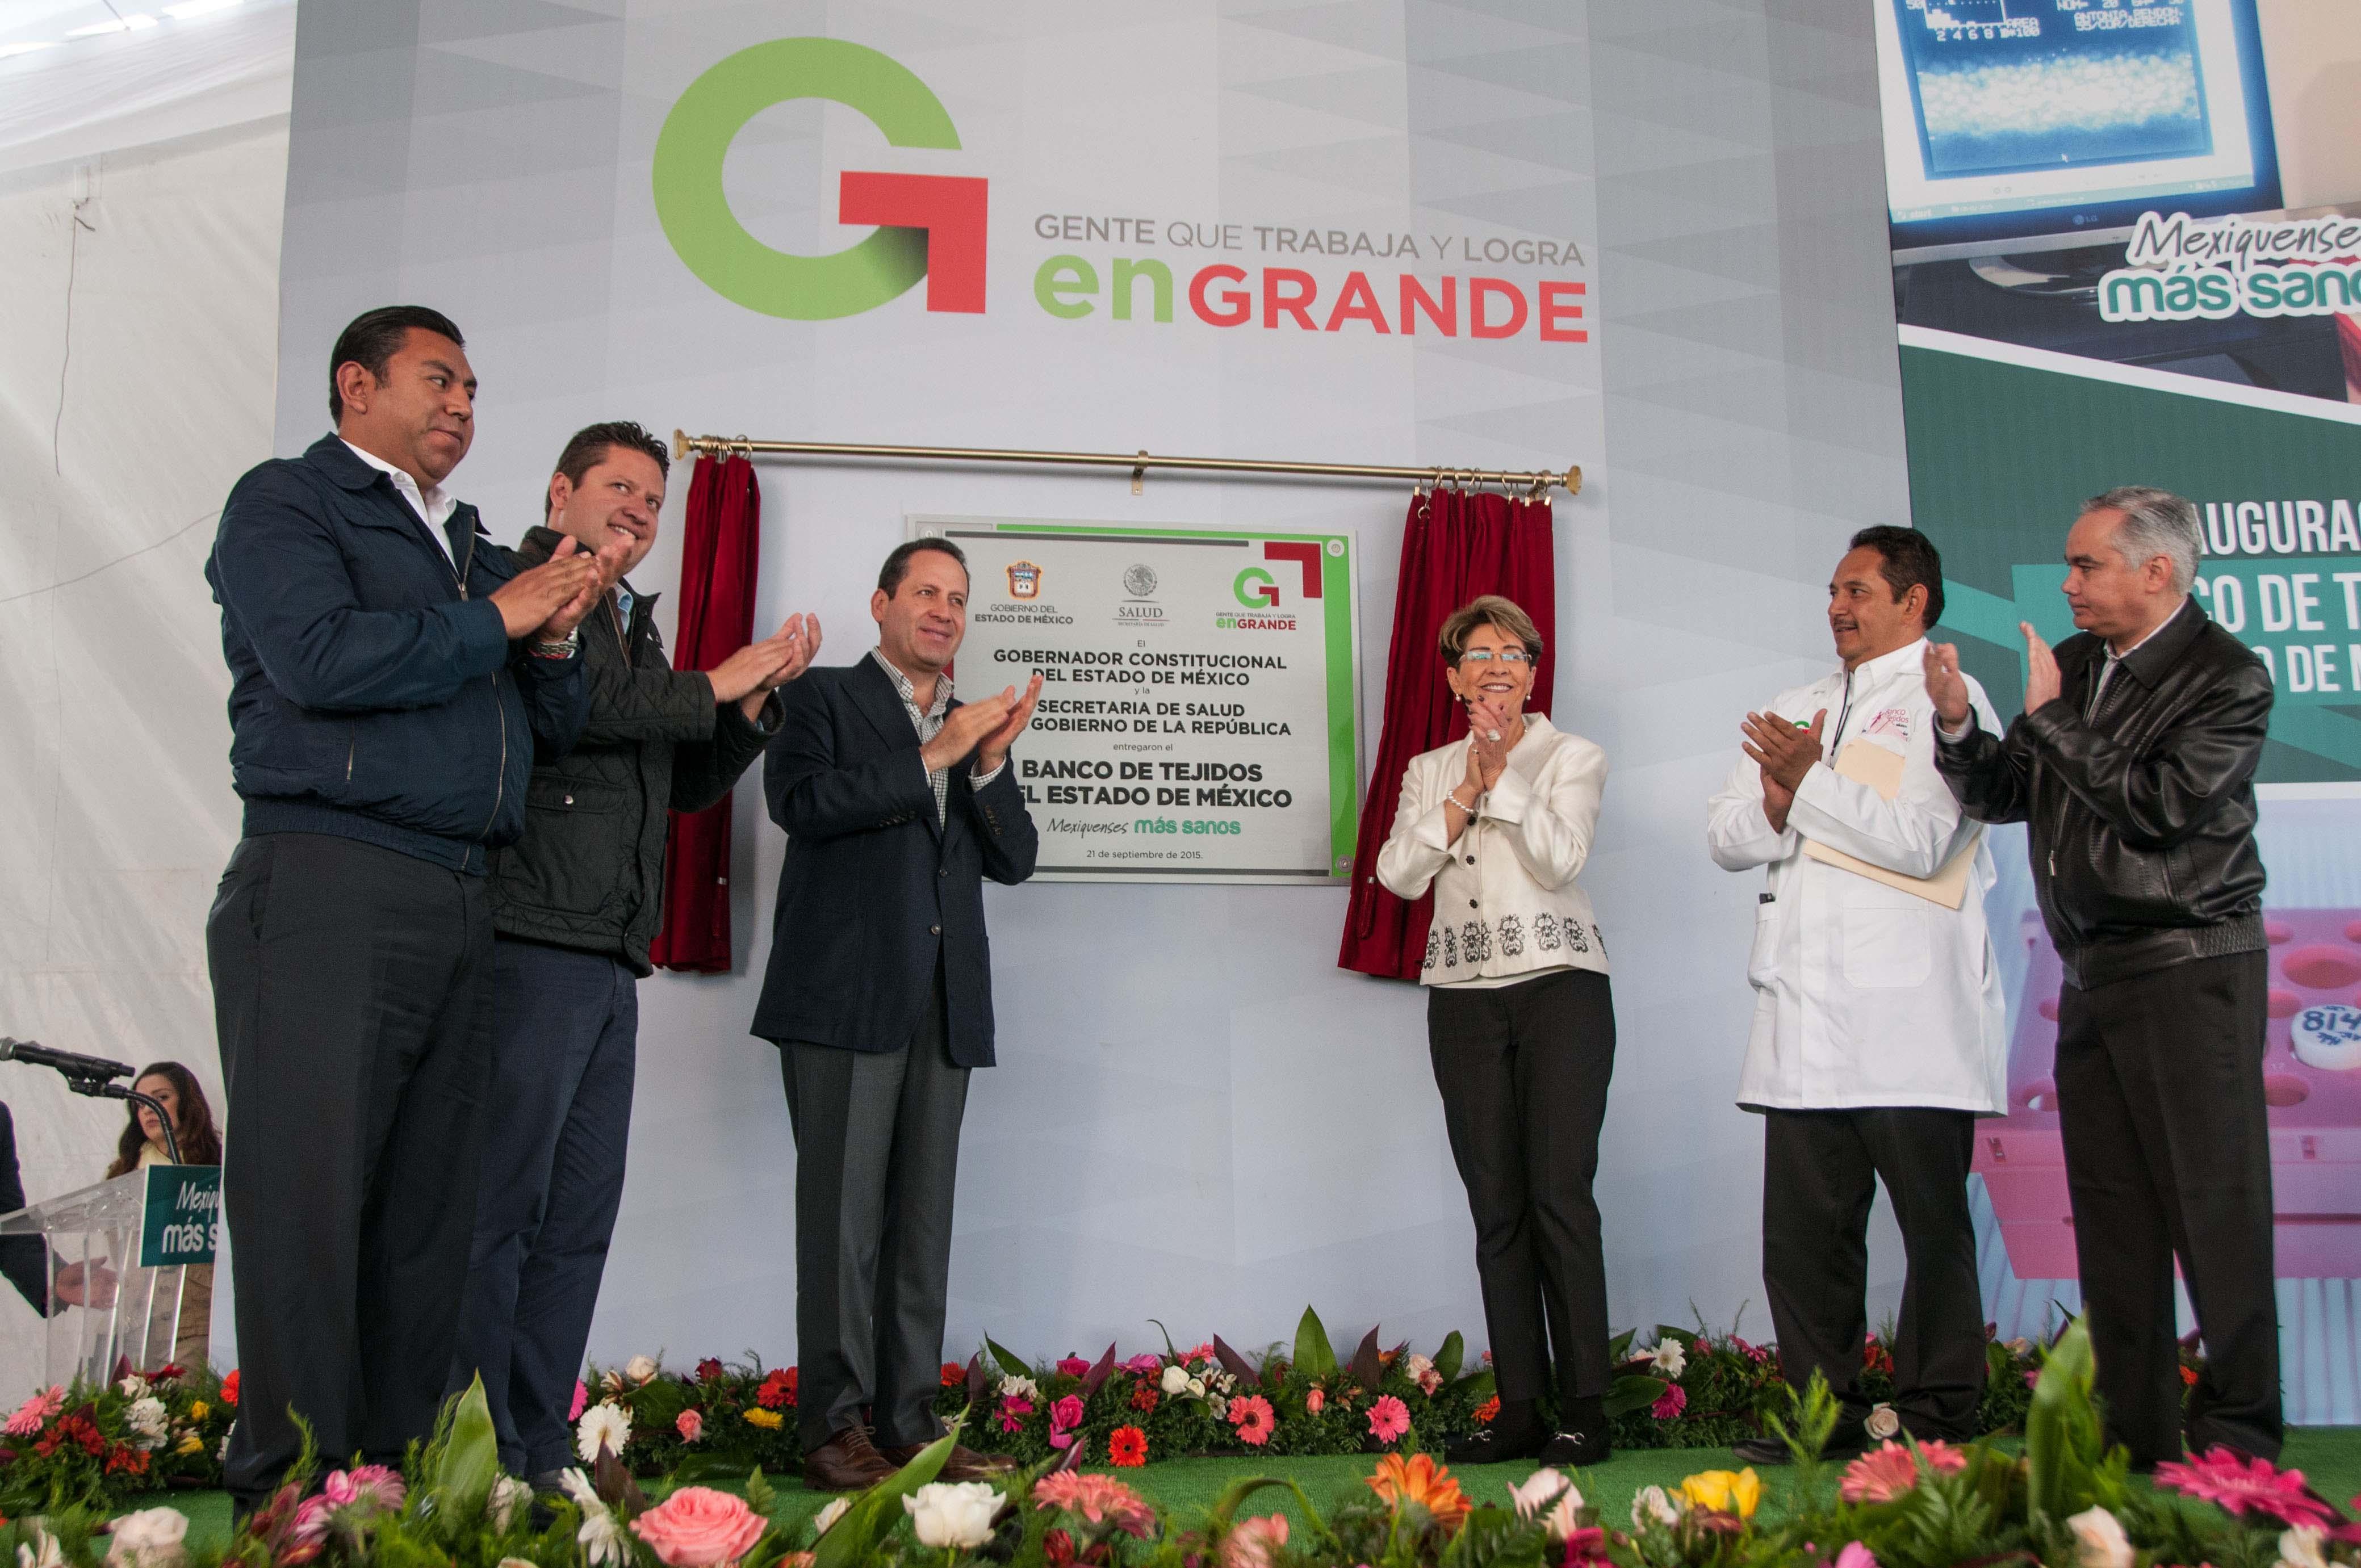 Junto con el gobernador Eruviel Ávila Villegas inauguró el Banco de Órganos y Tejidos en Toluca.